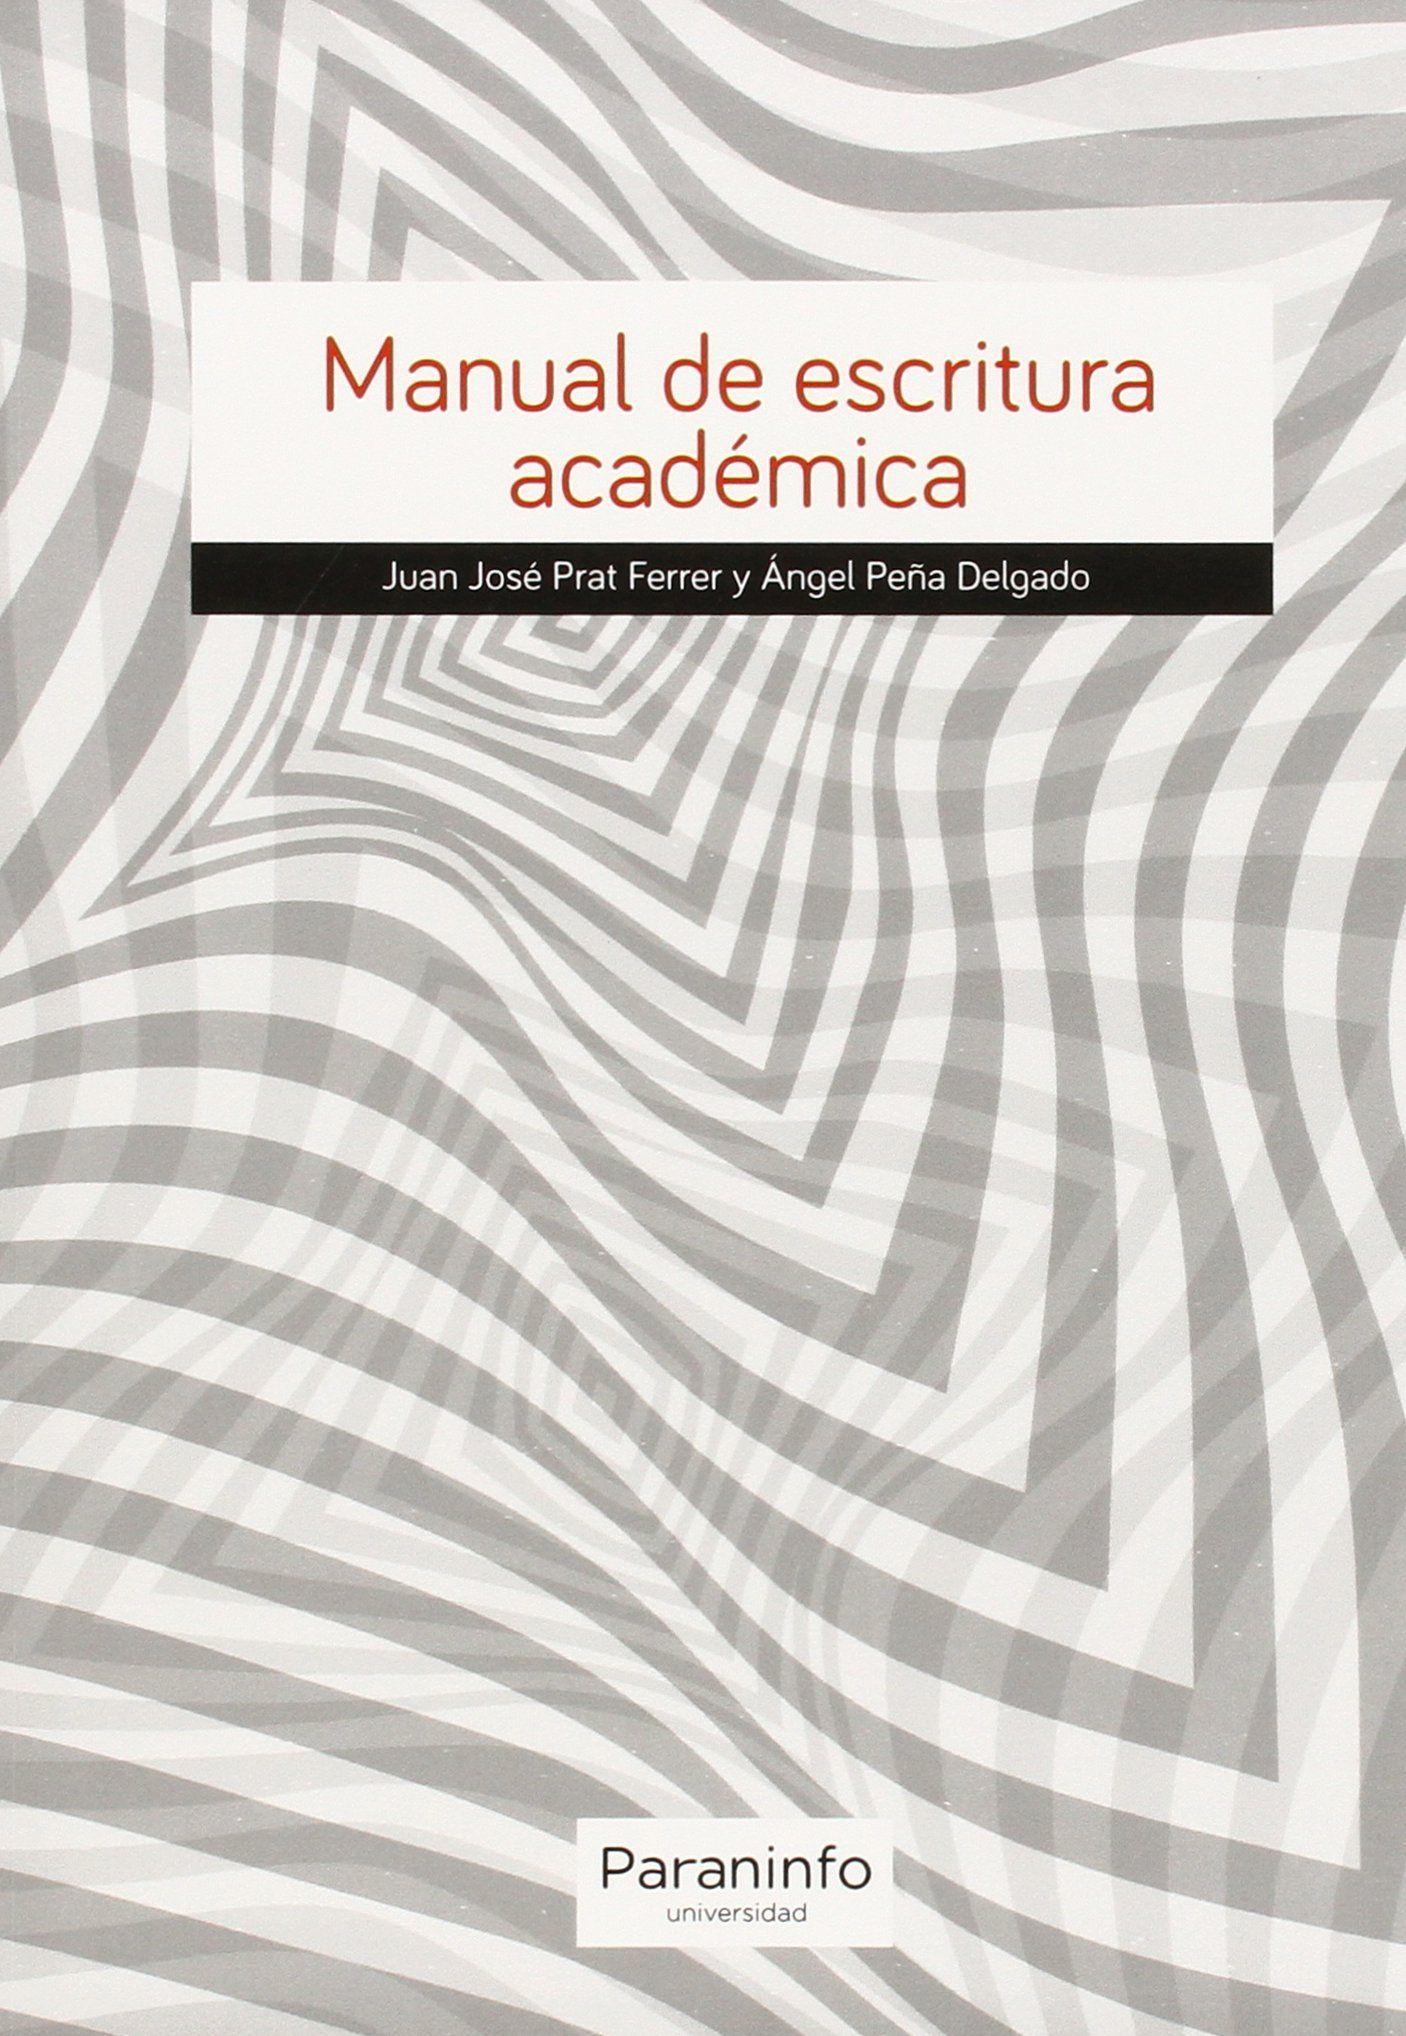 Manual de escritura académica / Juan José Prat Ferrer y Ángel Peña Delgado. 2015.